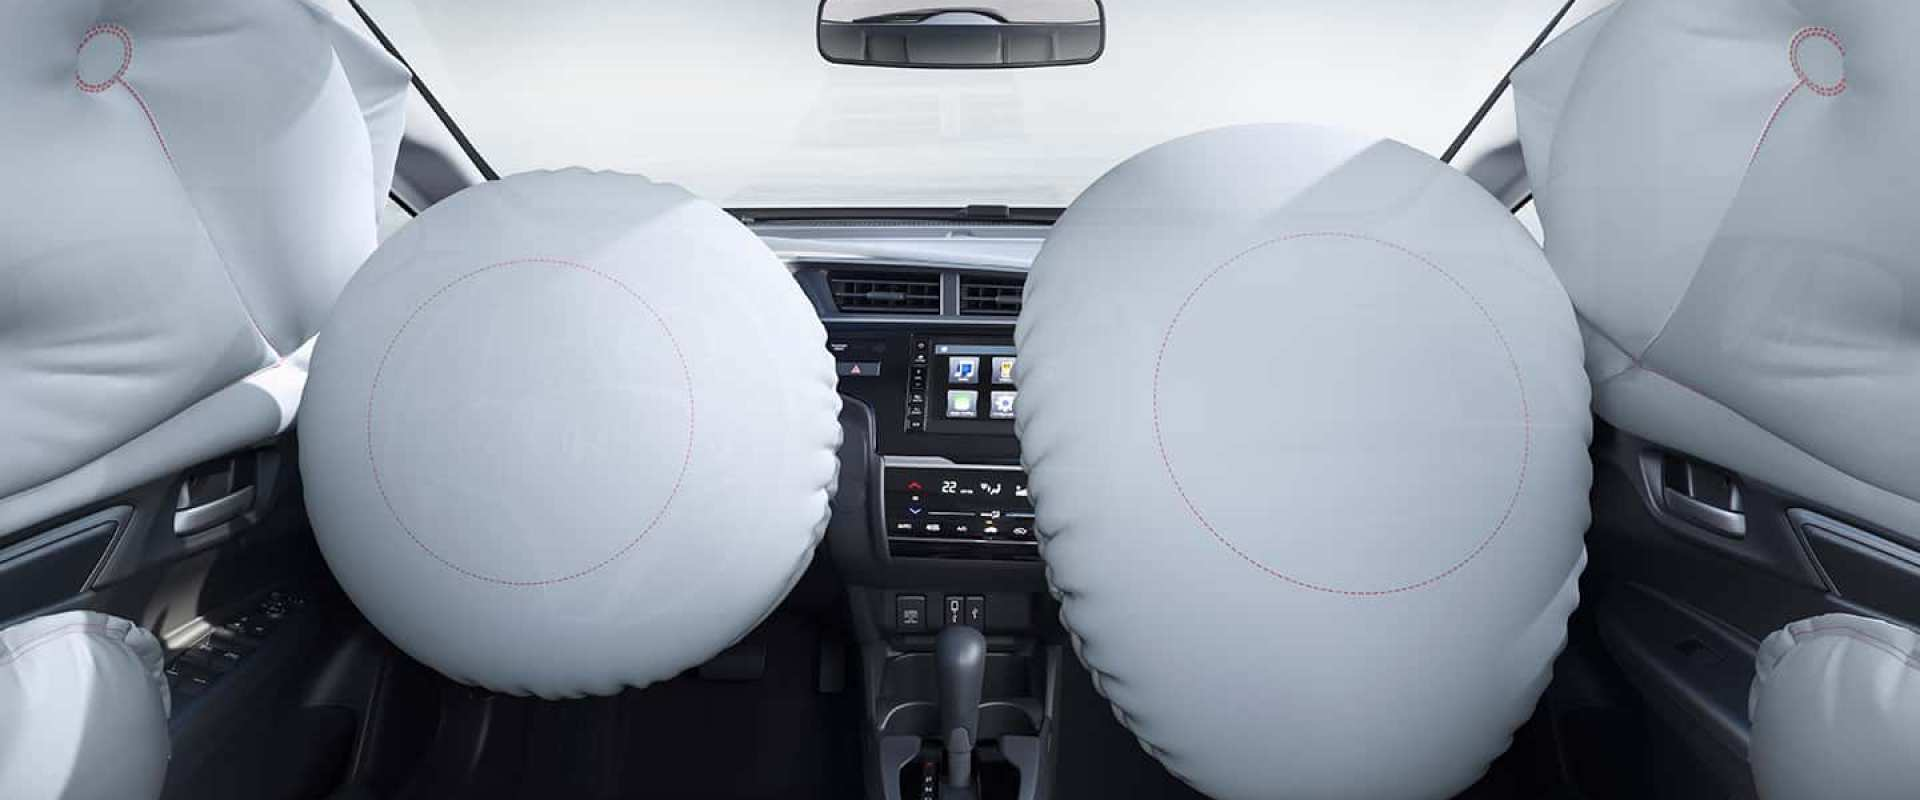 6 Airbags: frontais, laterais e de cortina